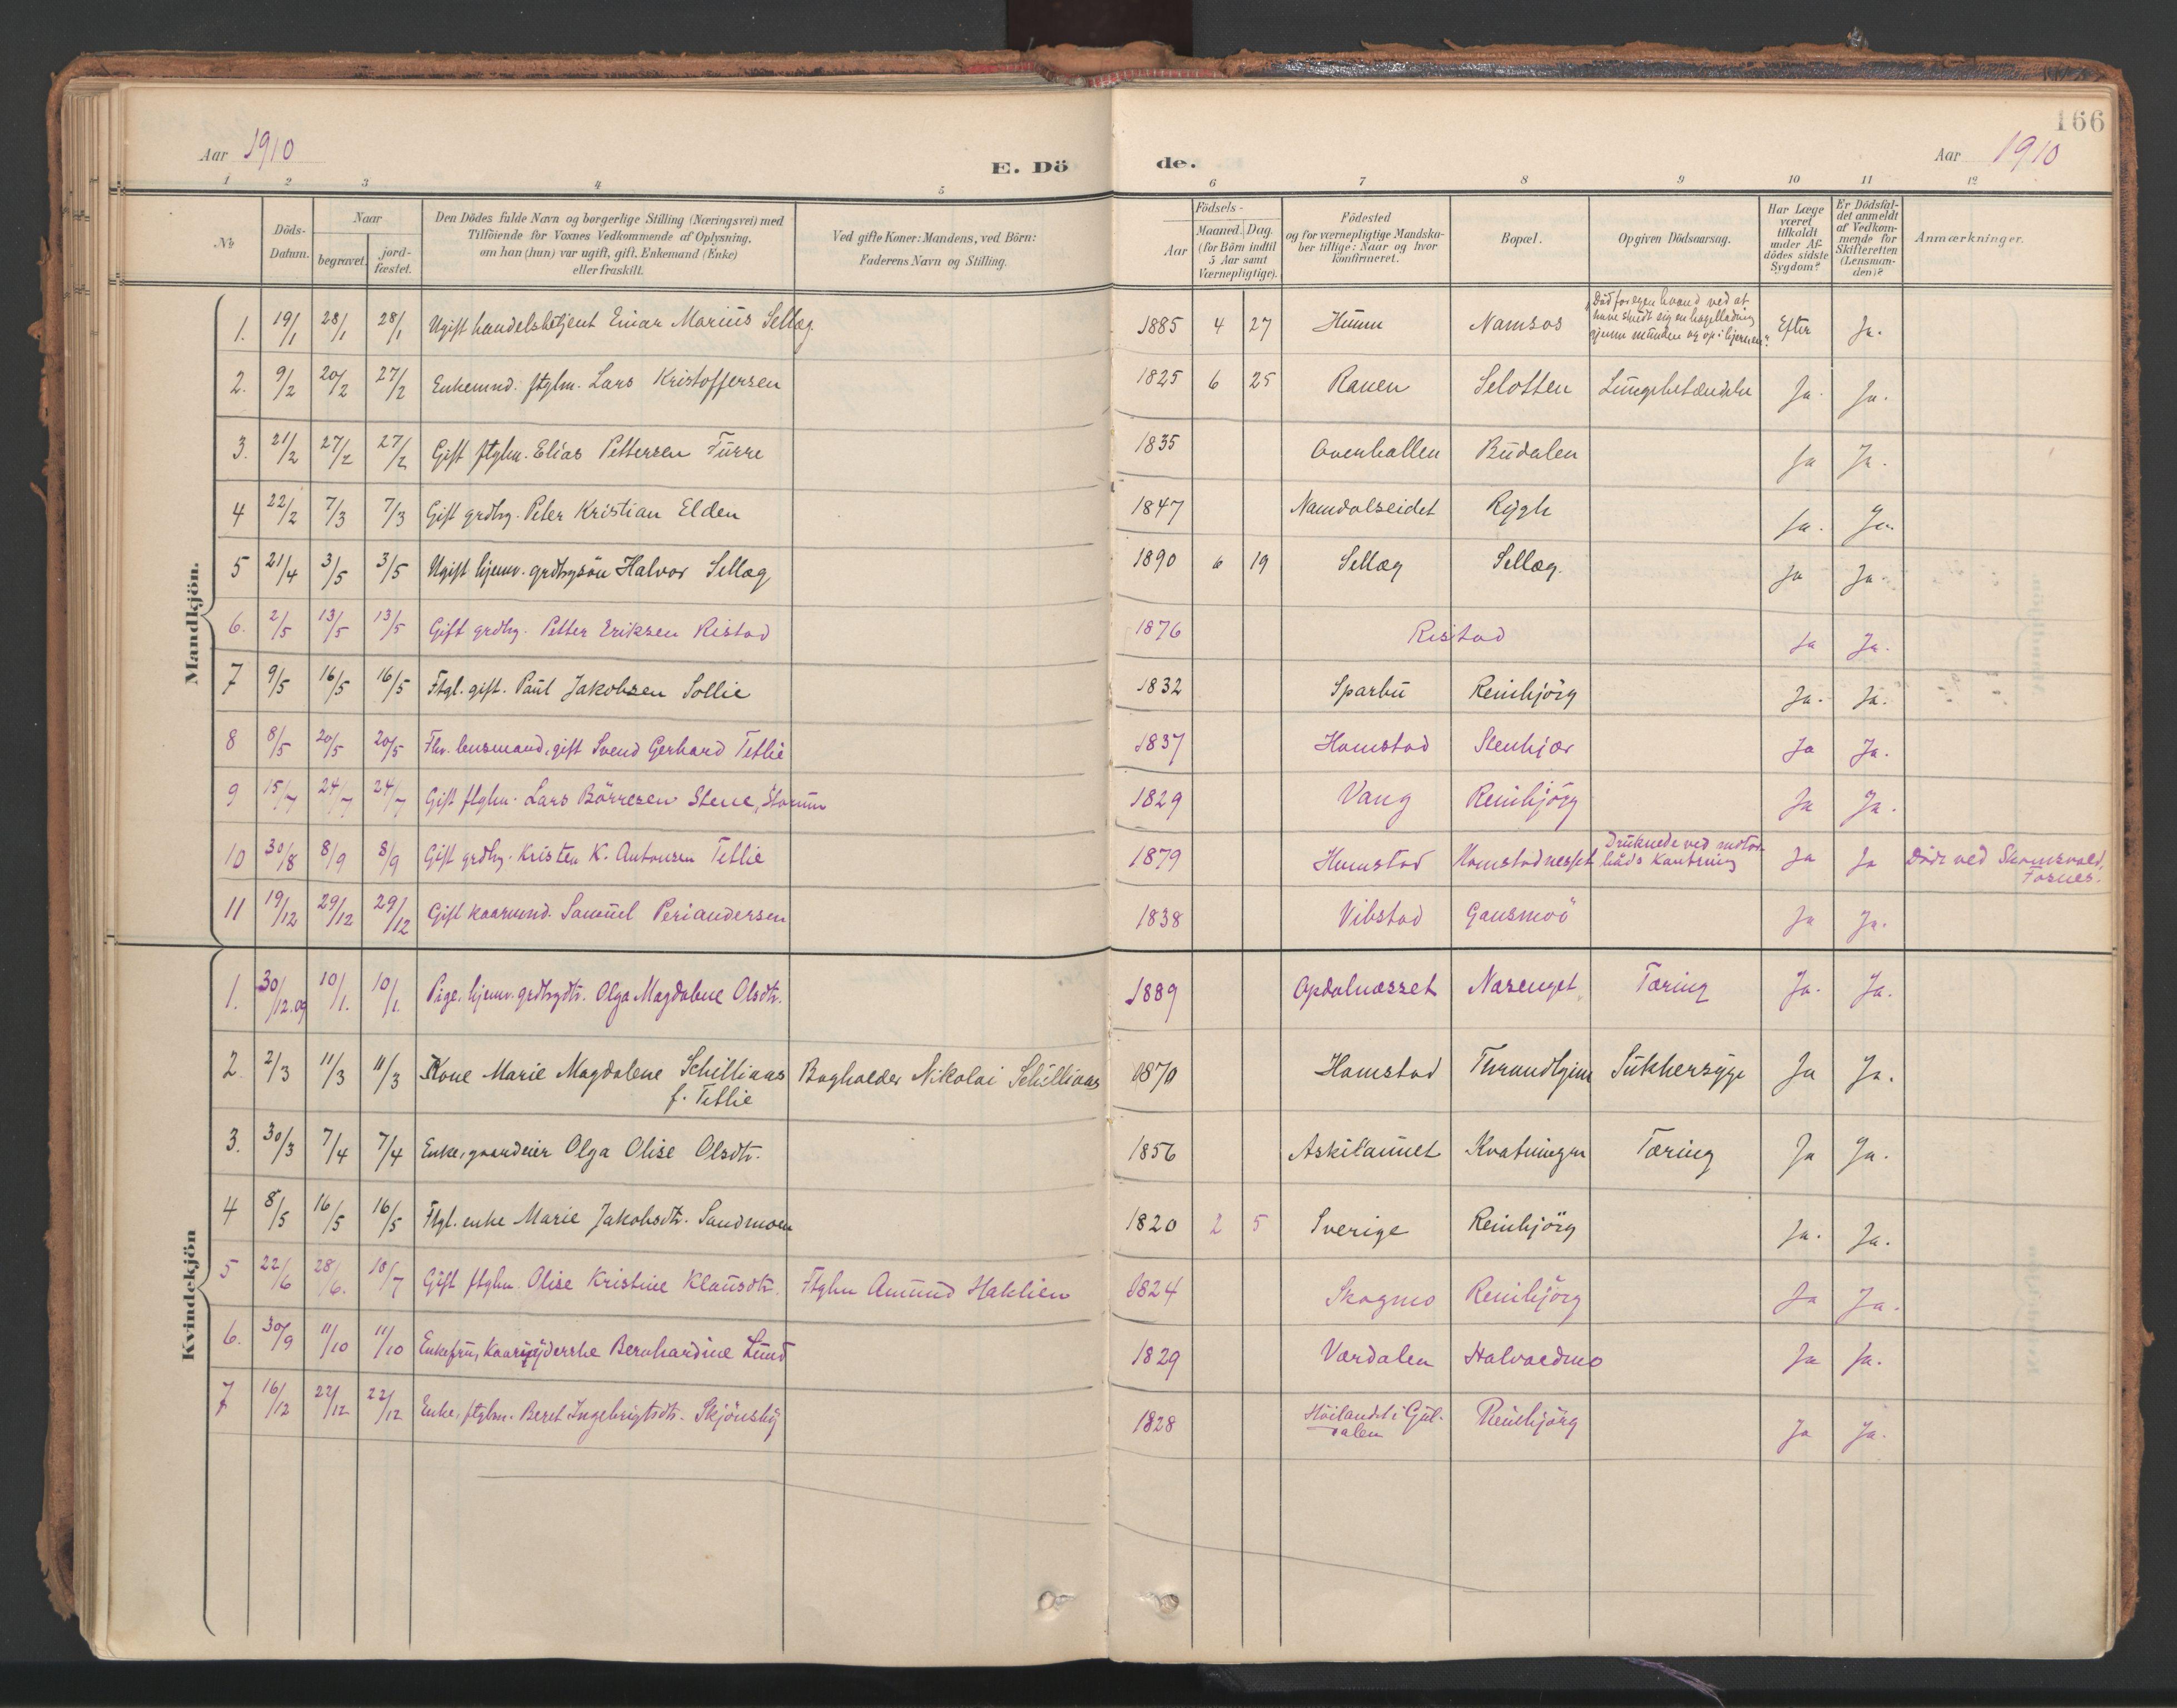 SAT, Ministerialprotokoller, klokkerbøker og fødselsregistre - Nord-Trøndelag, 766/L0564: Ministerialbok nr. 767A02, 1900-1932, s. 166